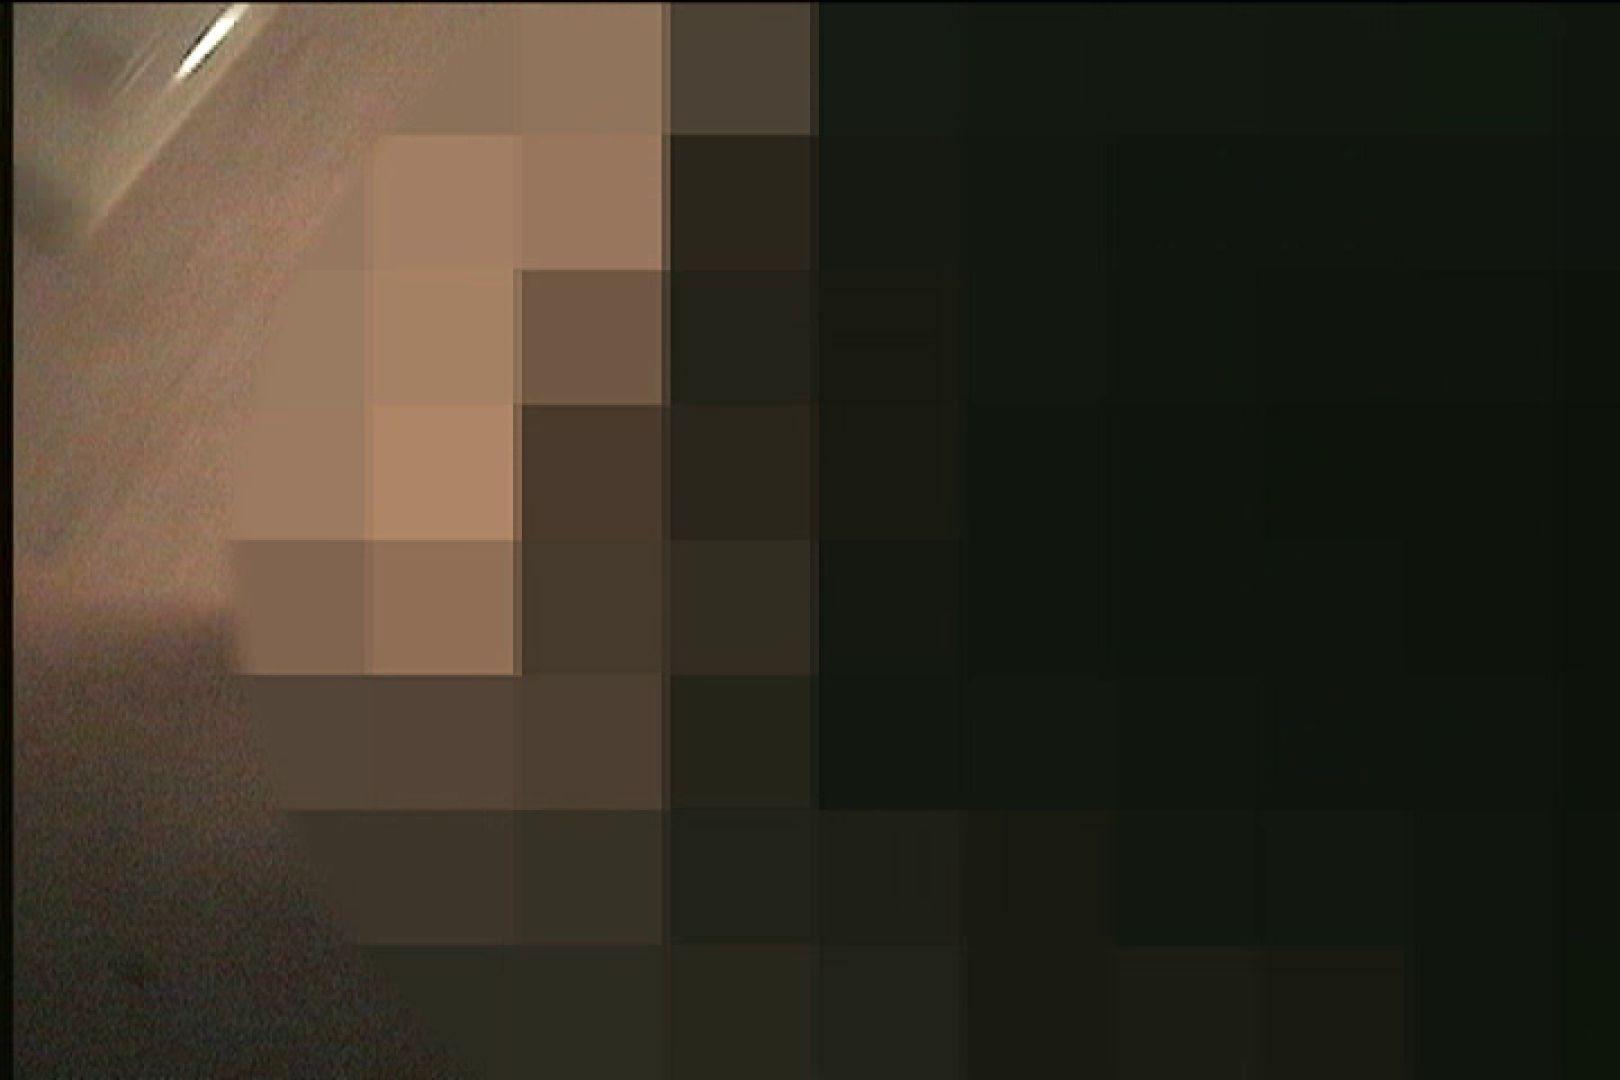 彼氏あり20歳春菜Vol.2 OLすけべ画像   セックス見放題  55連発 41